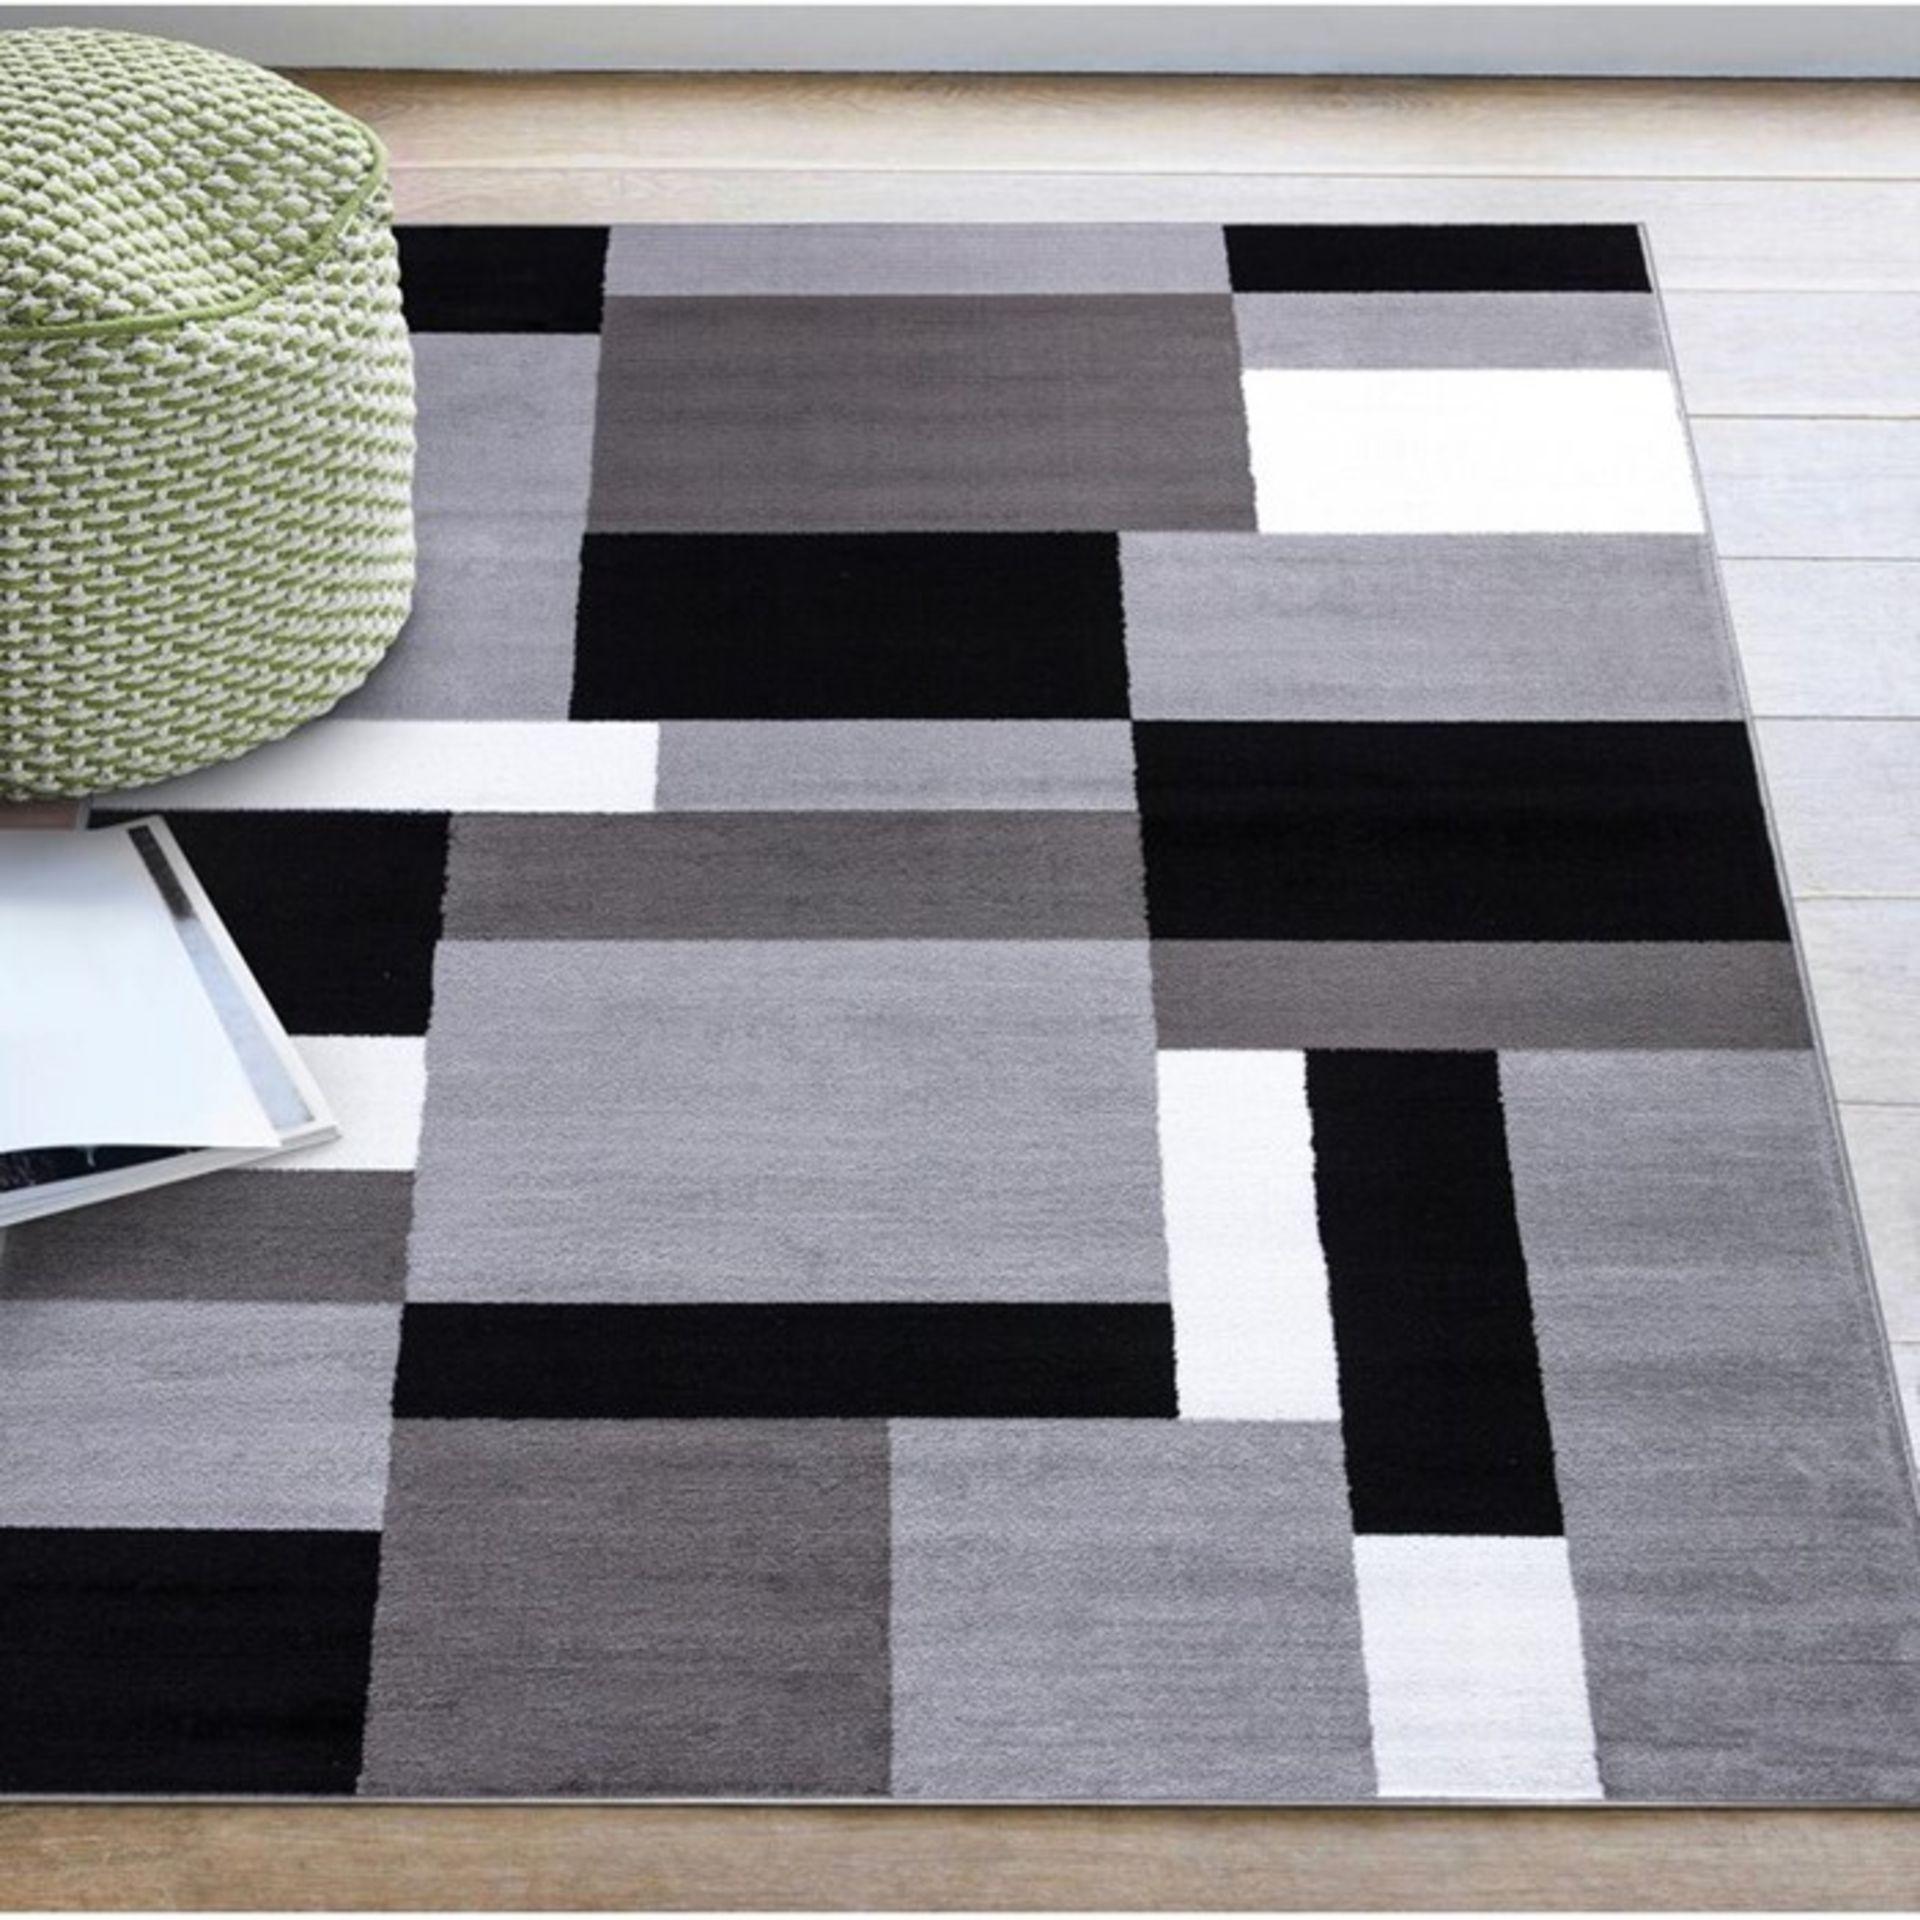 Elna Tufted Grey/Black/White Indoor/Outdoor Rug Rug Size: Rectangle 160 x 230cm (HL7 -1/20 -